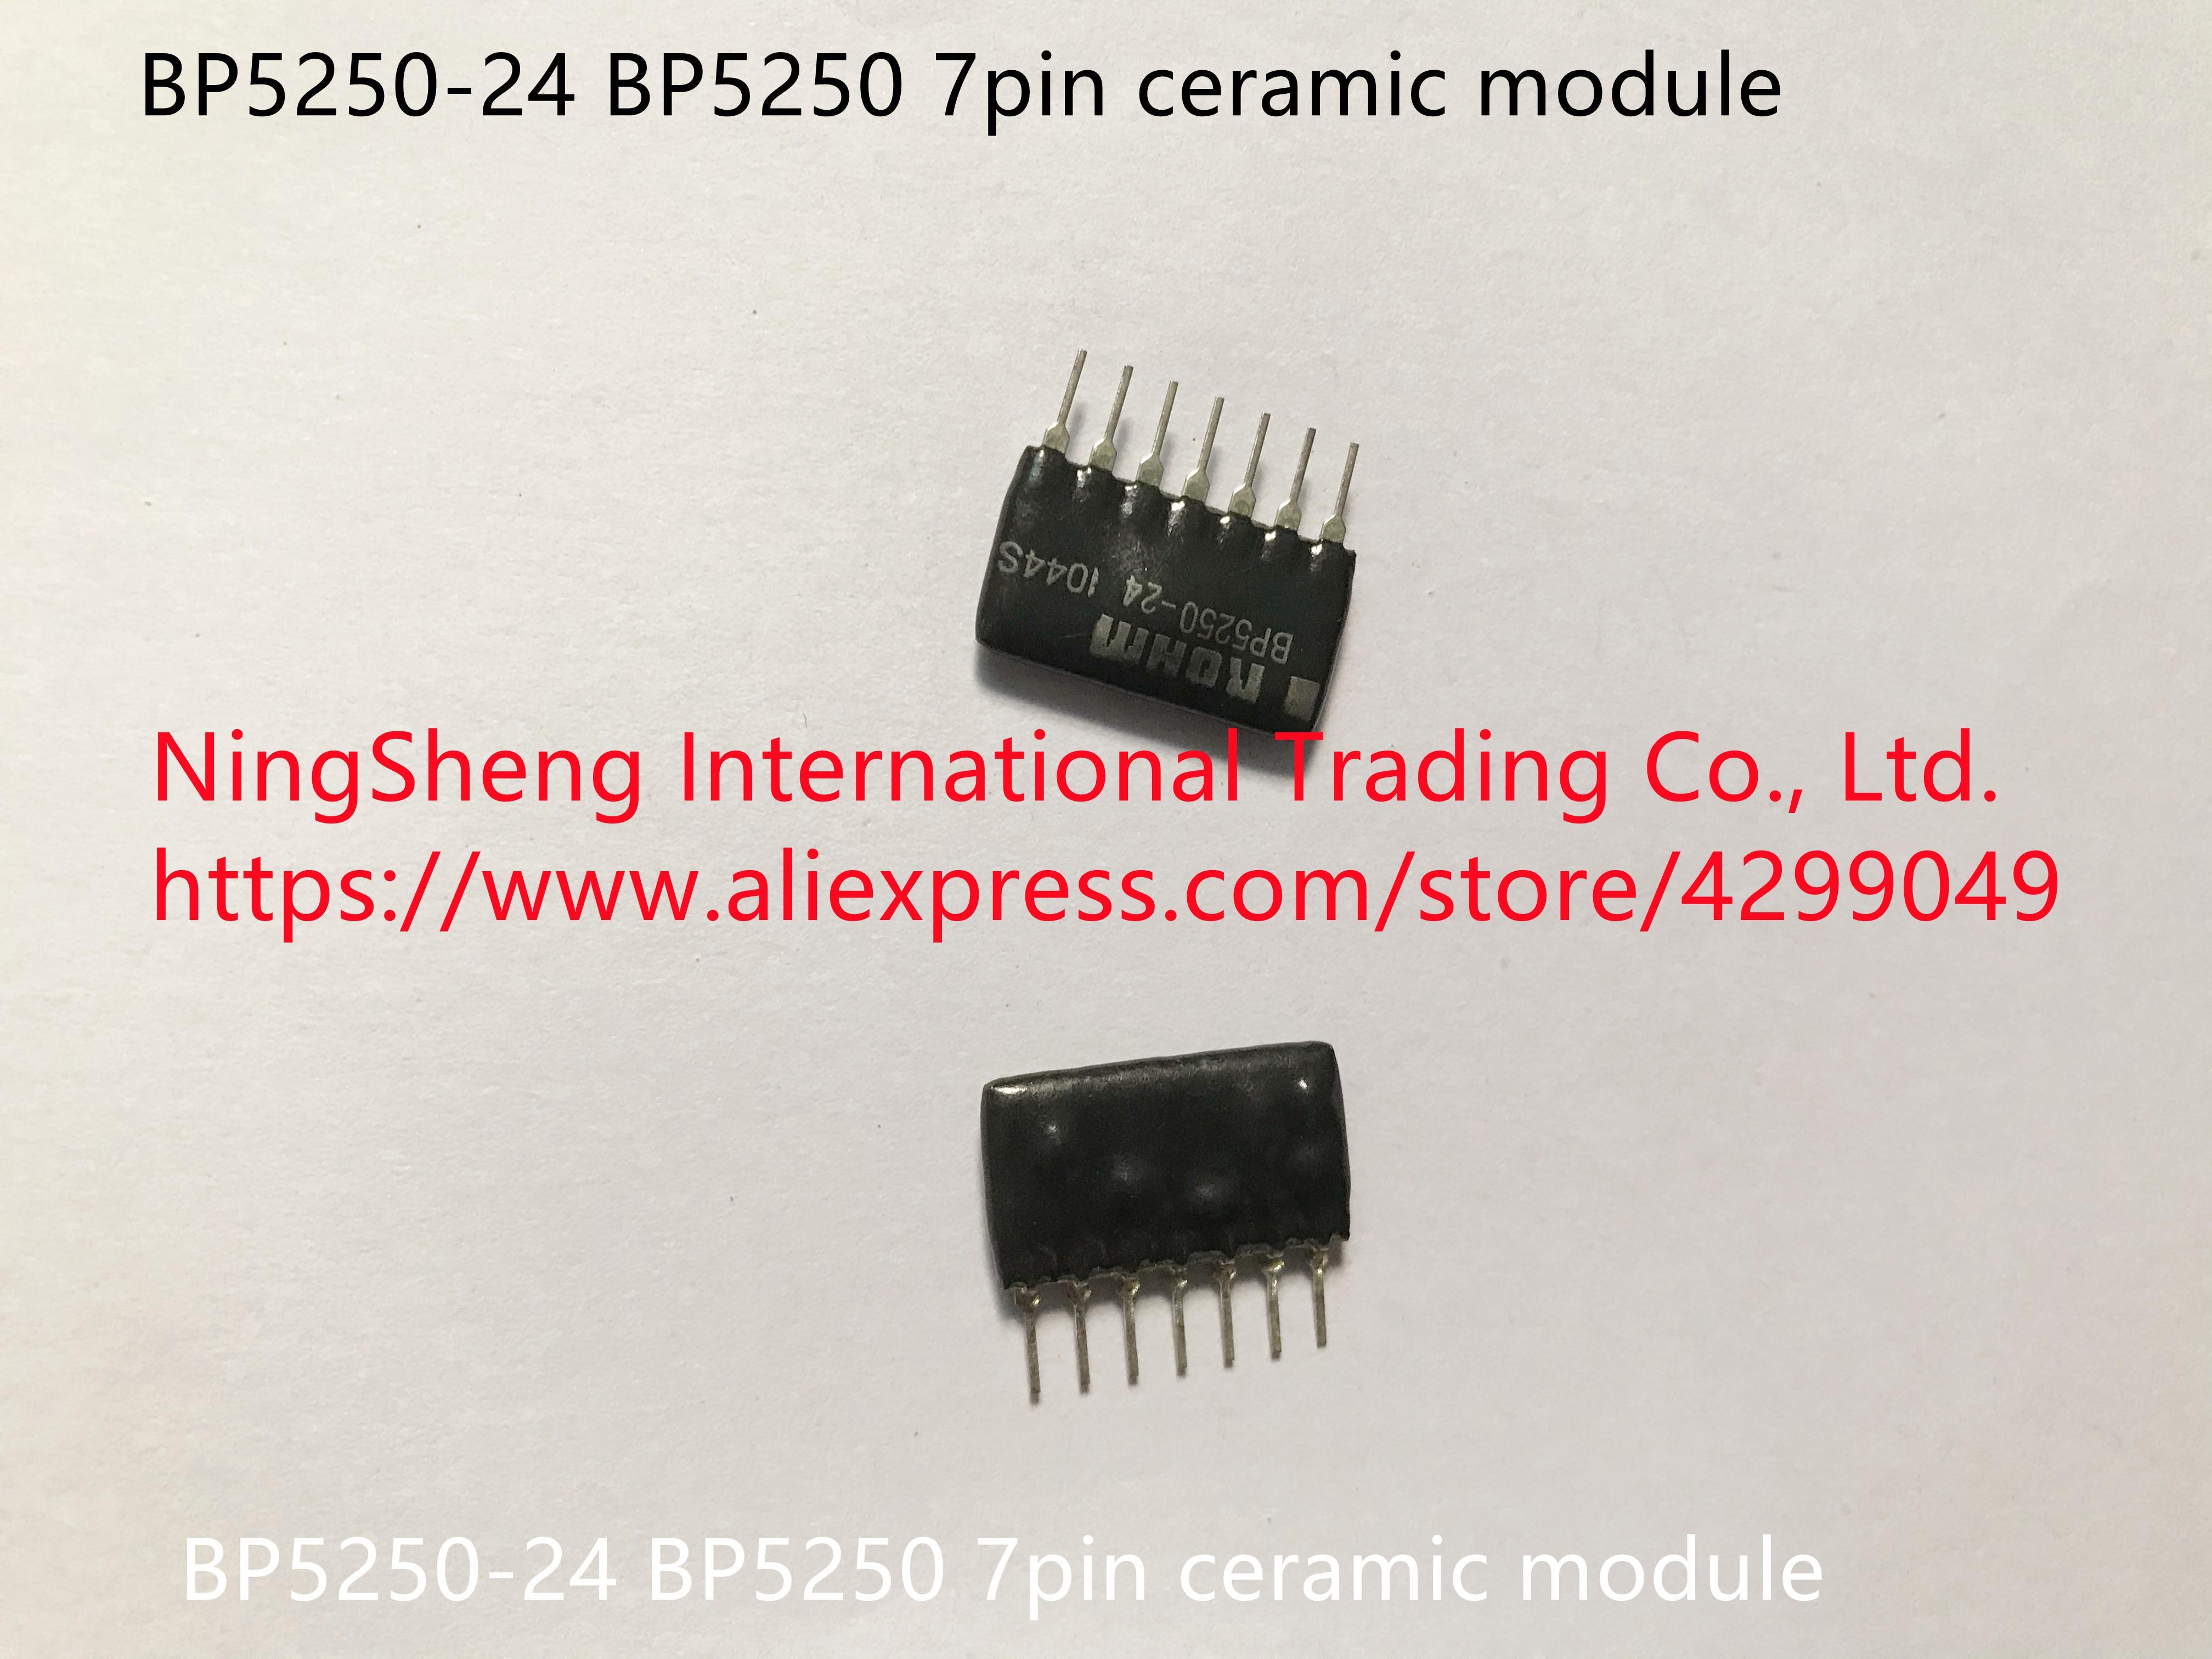 حار بقعة BP5250-24 BP5250 7pin السيراميك وحدة ضمان الجودة